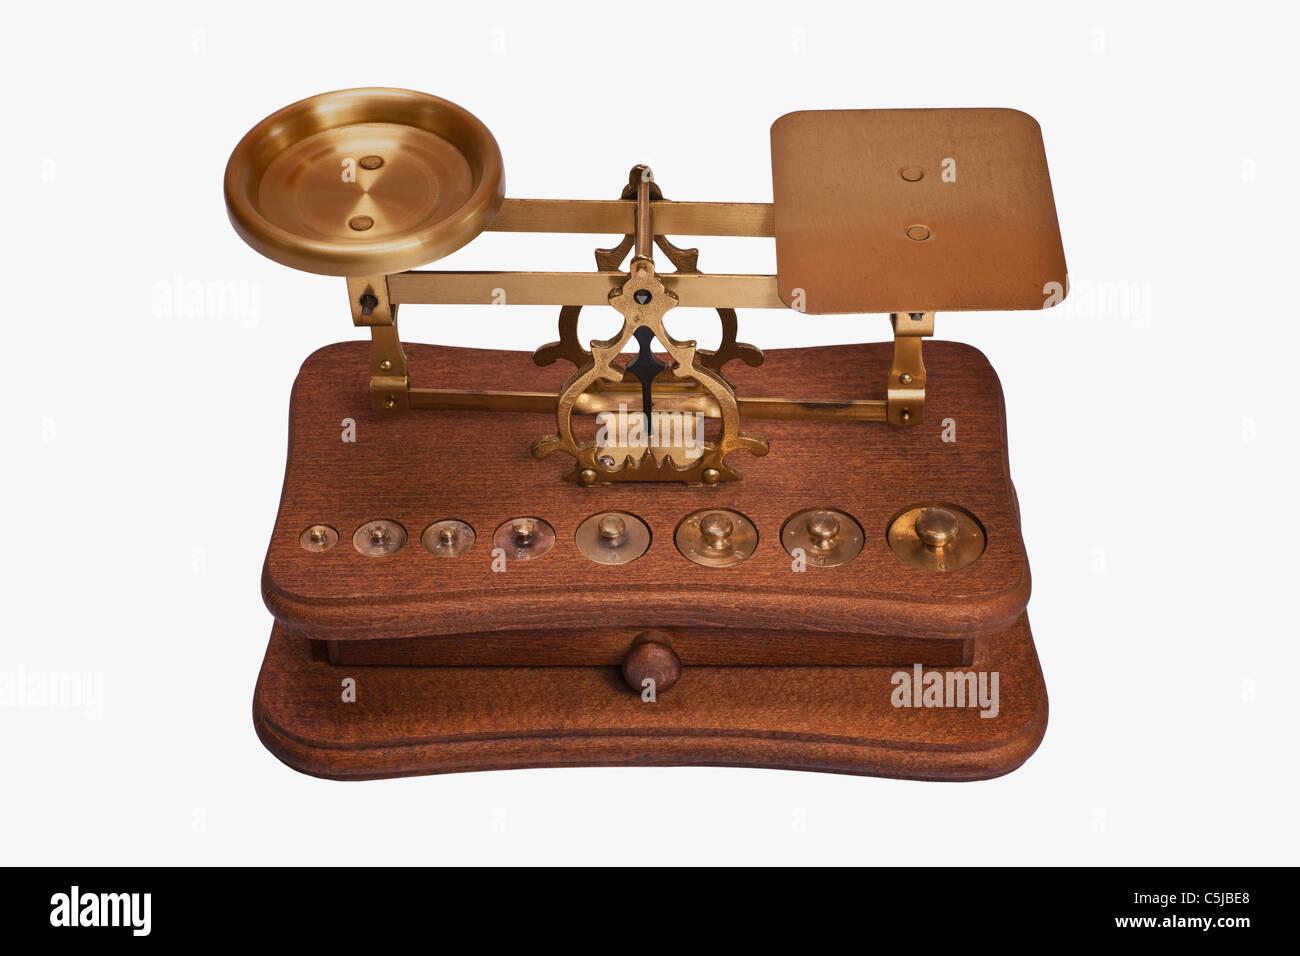 Detailansicht einer alten Briefwaage | Detail photo of a old letter balance - Stock Image